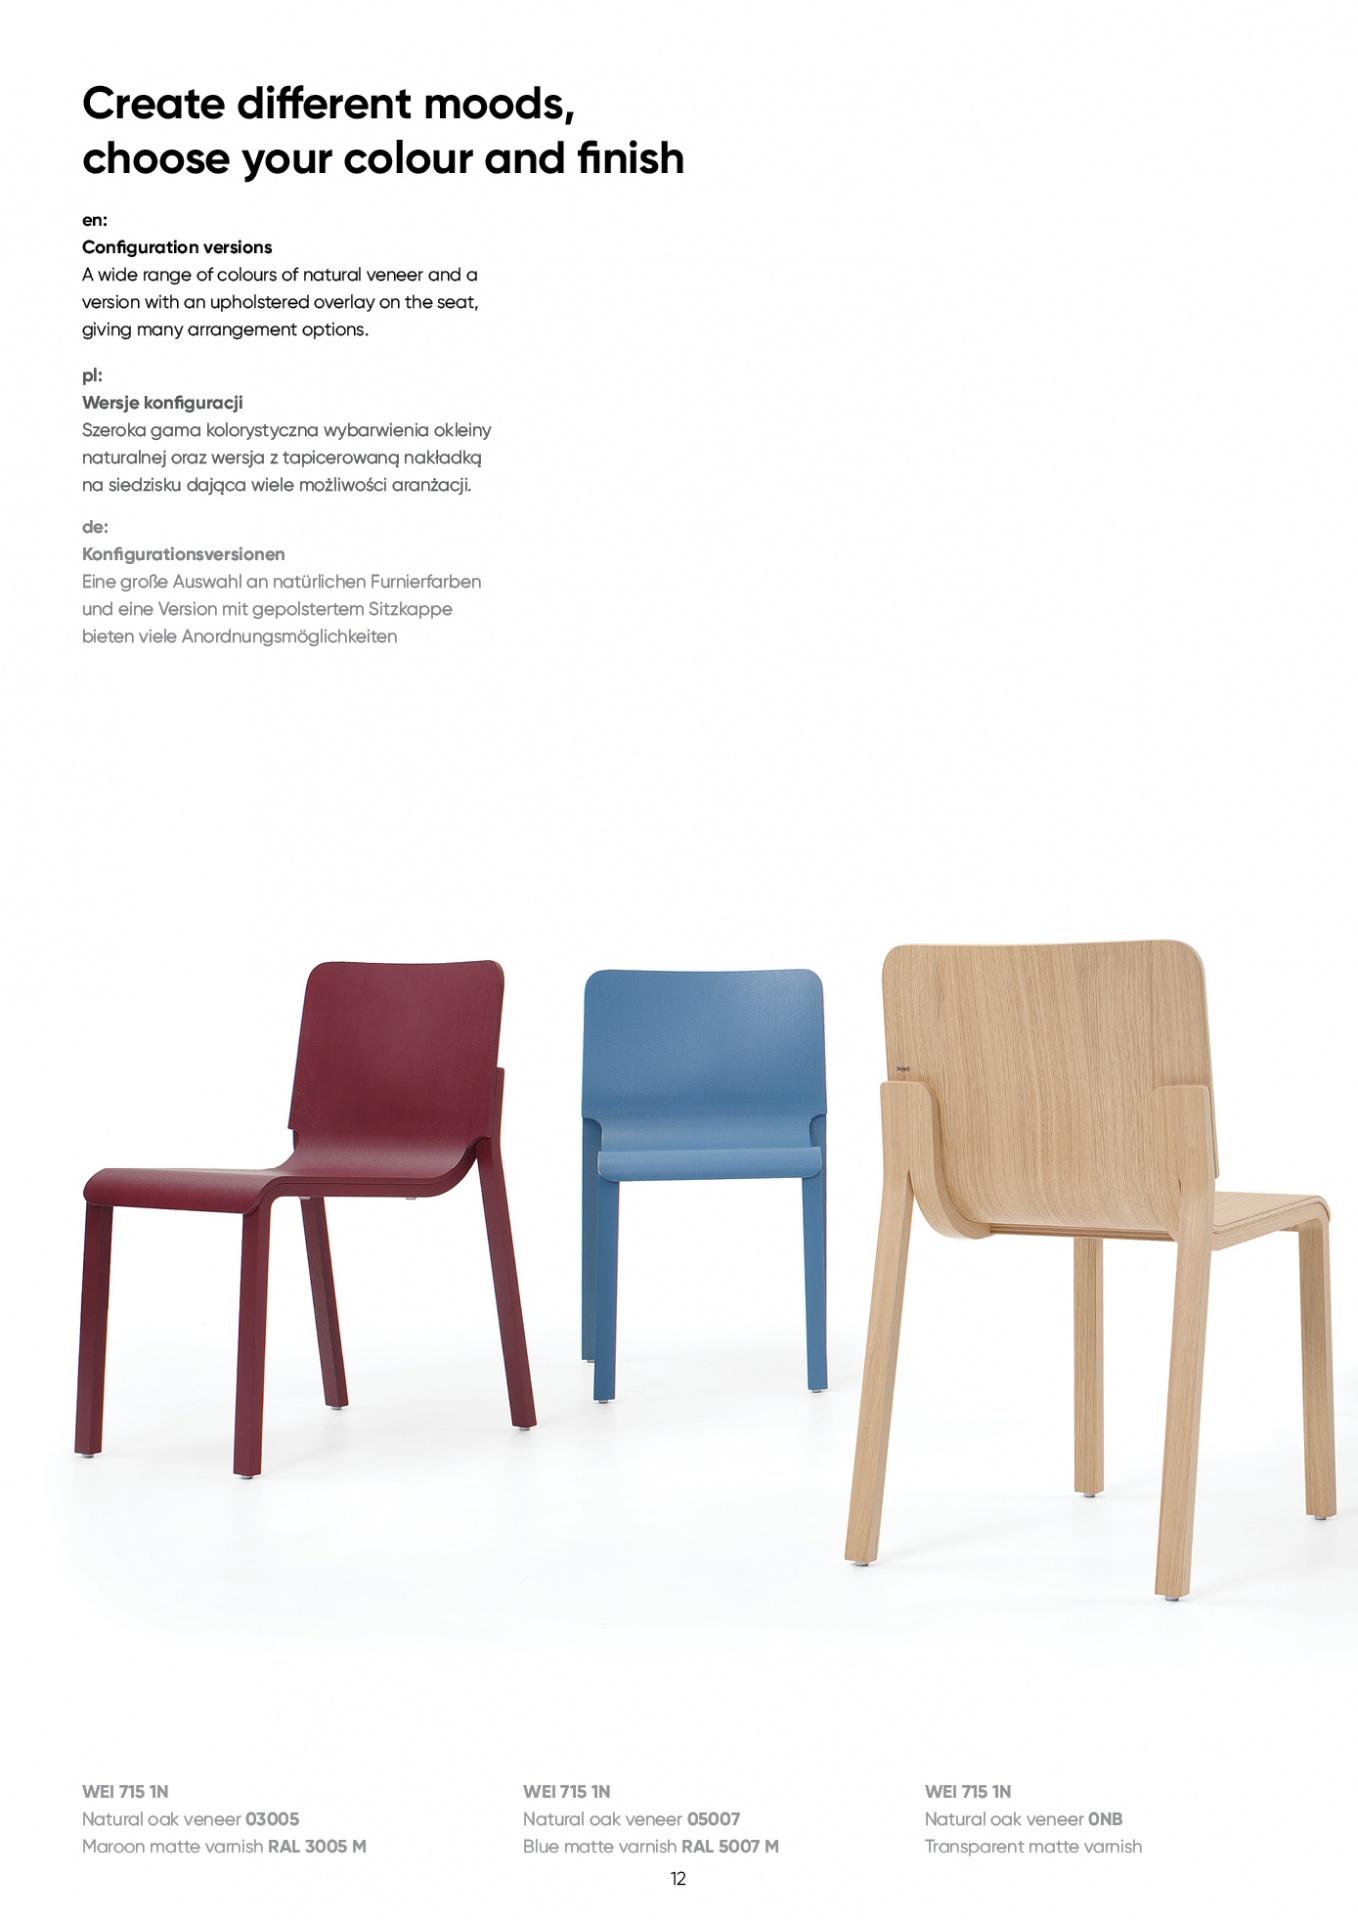 wei-catalogue-v2-12.jpg